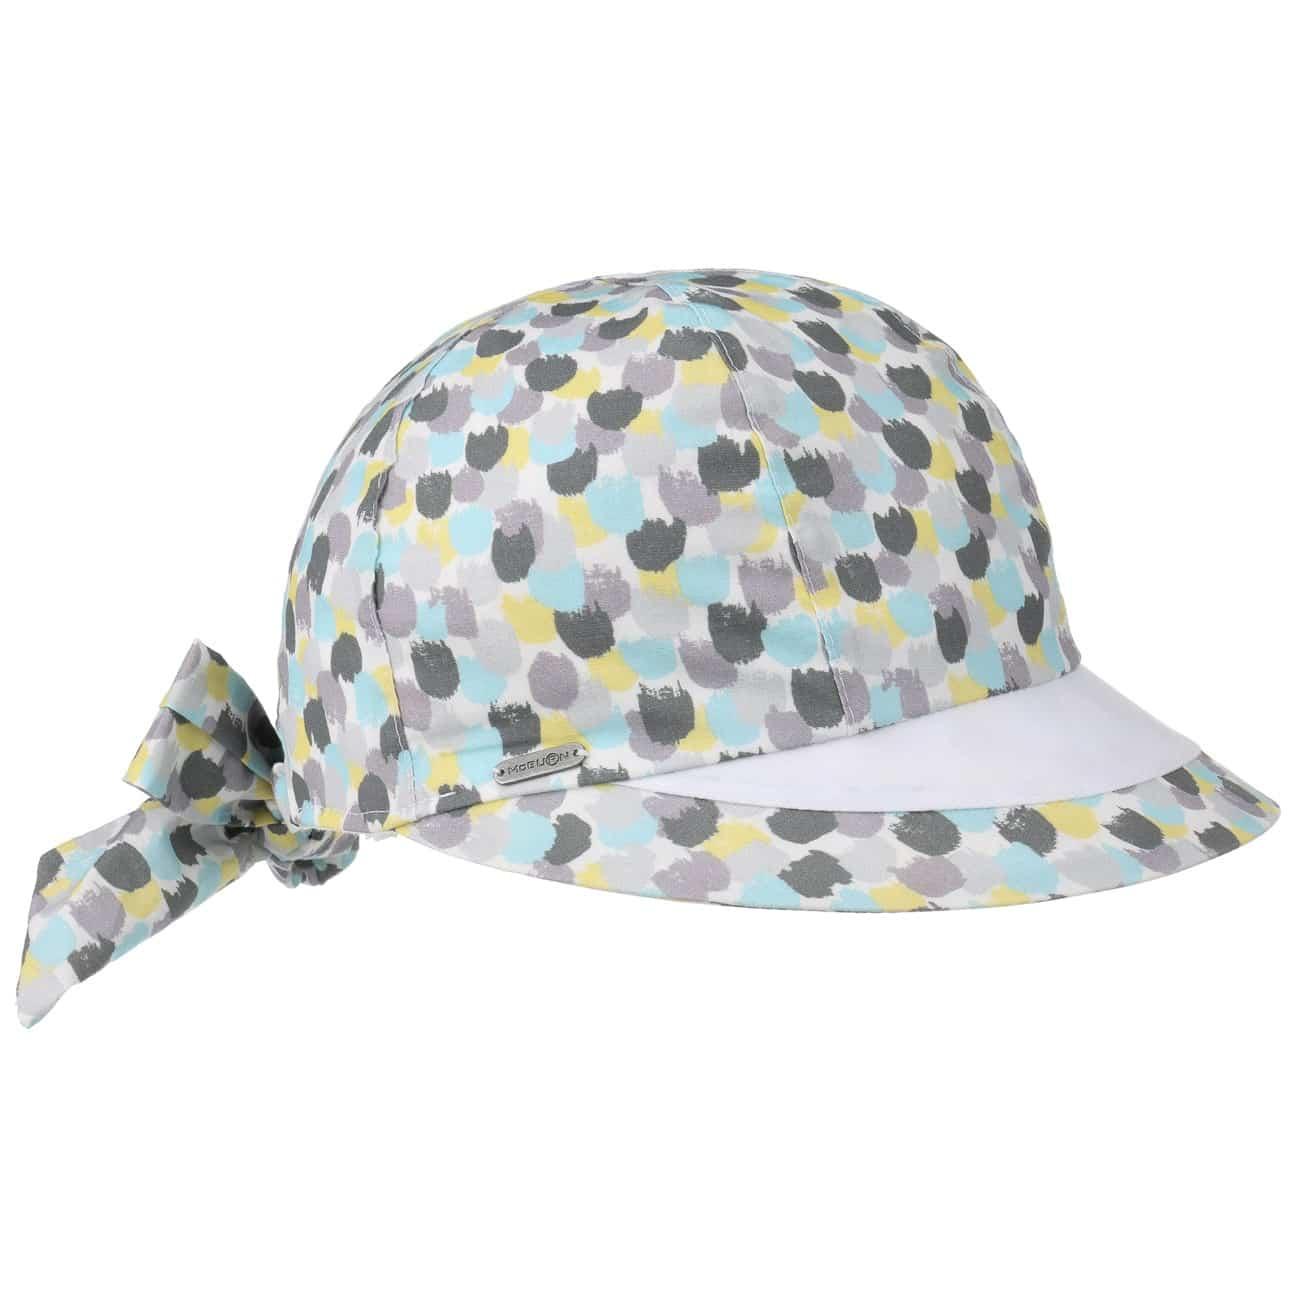 Casquette pour Femme Dots by McBURN  casquette d`été